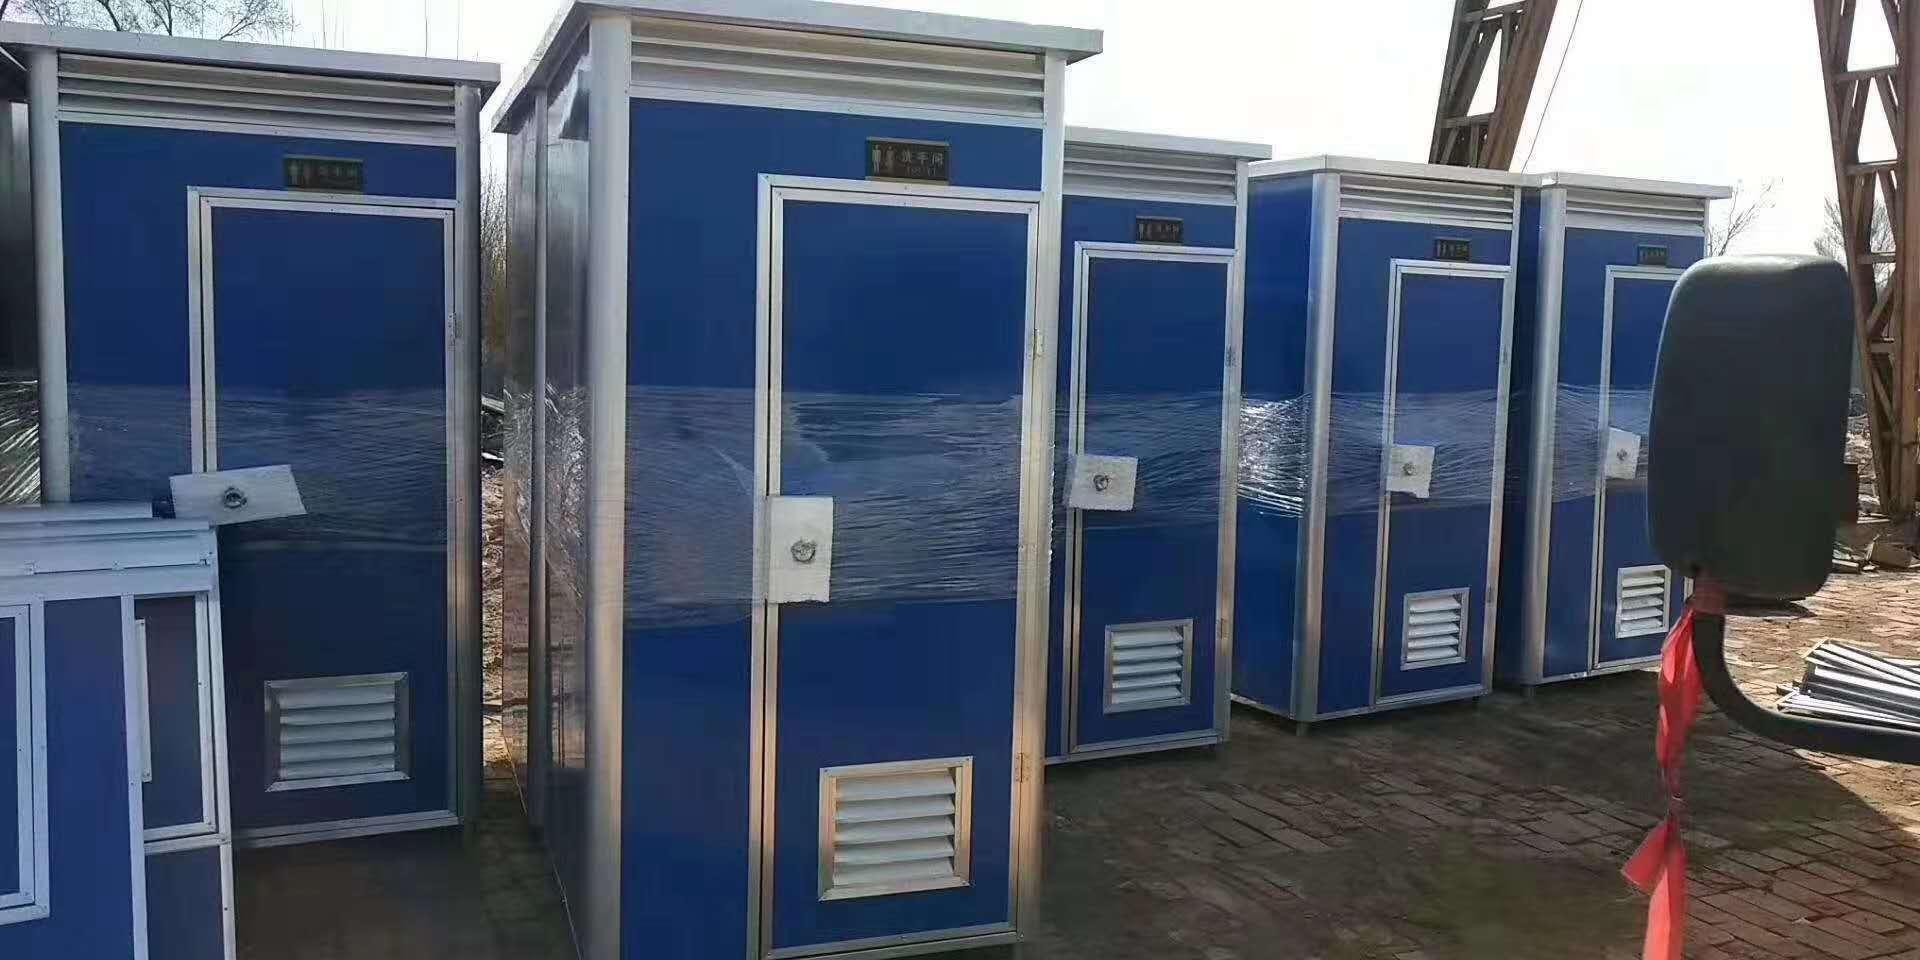 河北沧州普林钢构科技有限公司移动公厕移动厕所移动卫生间